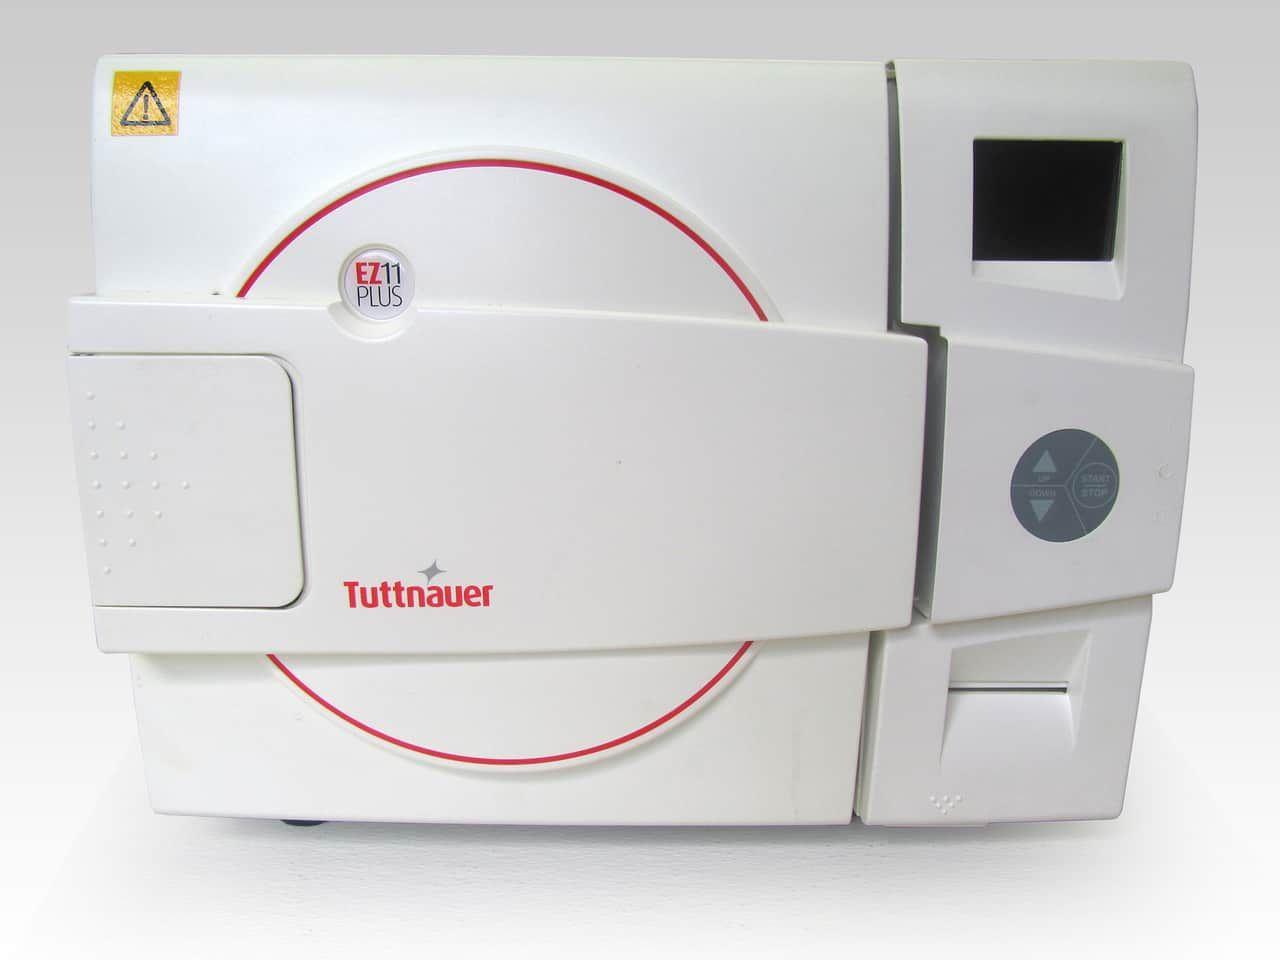 EZ11Plus Tuttnauer Autoclave  - Refurbished